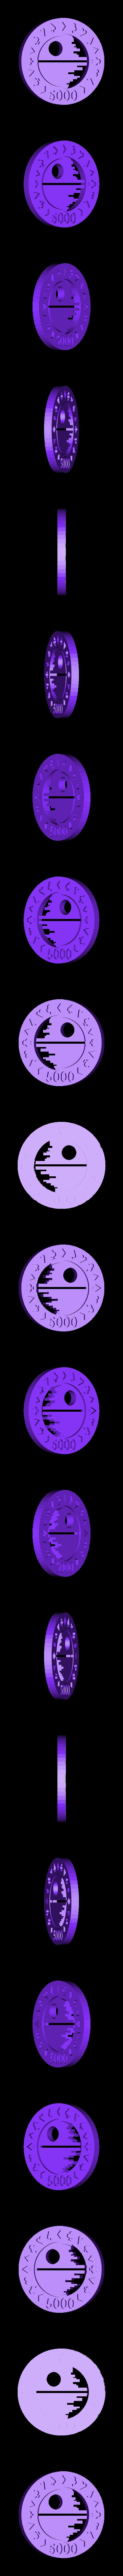 5000.stl Descargar archivo STL Star Wars - Fichas de Póquer • Objeto imprimible en 3D, Made_In_Space